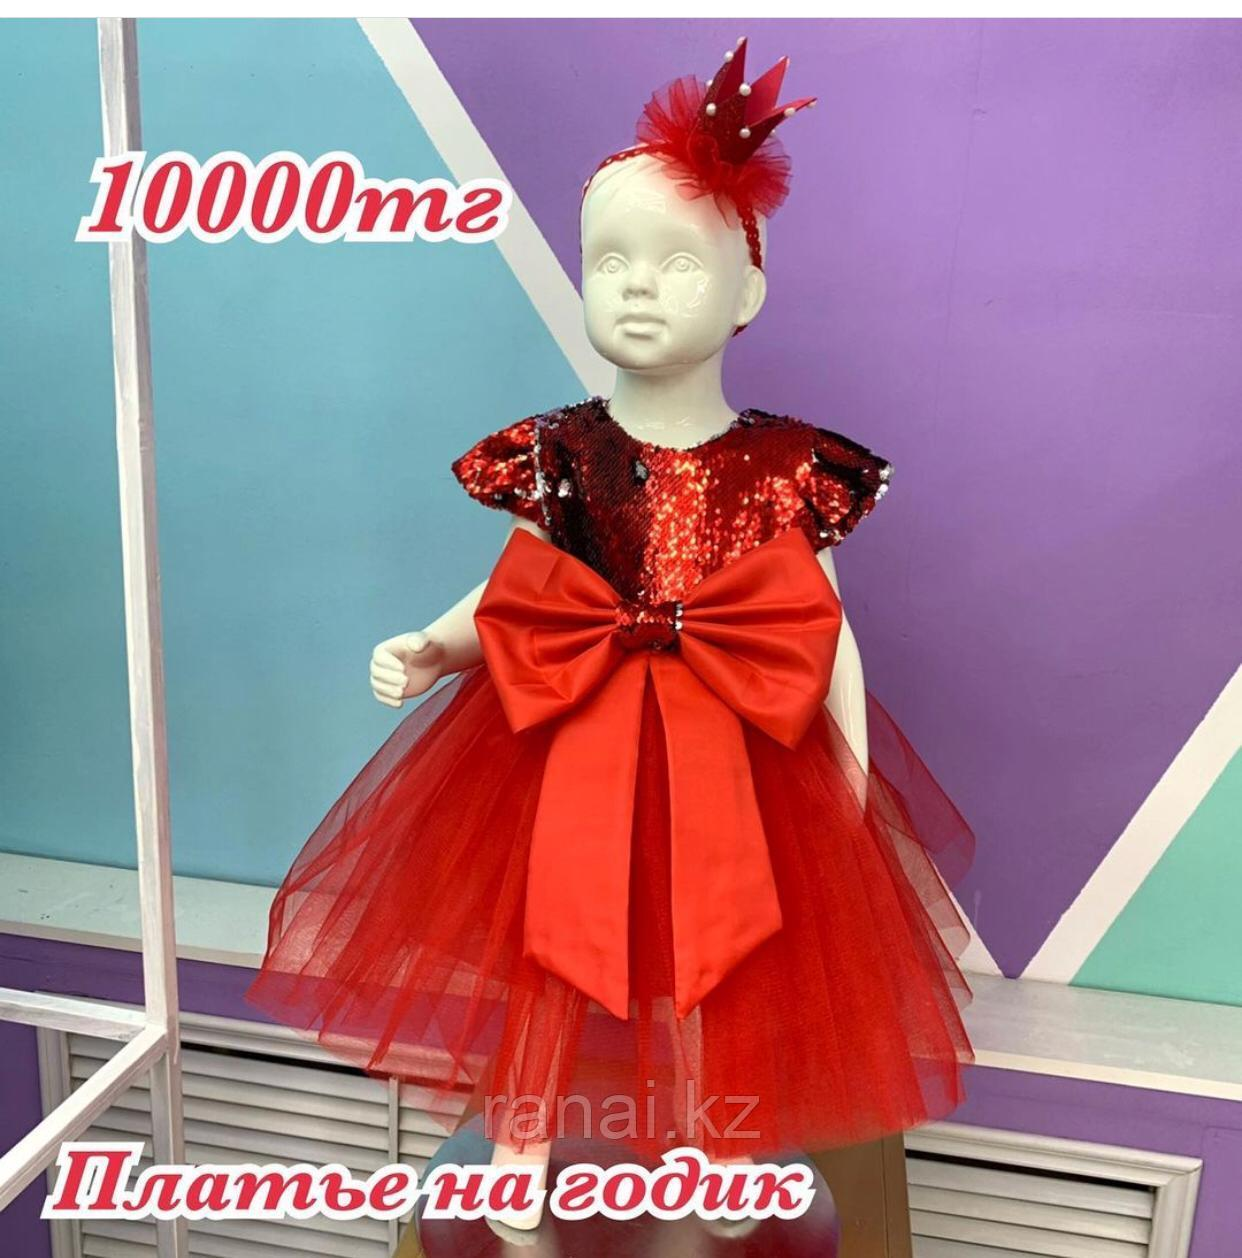 Раскошенное платье на 1 годик